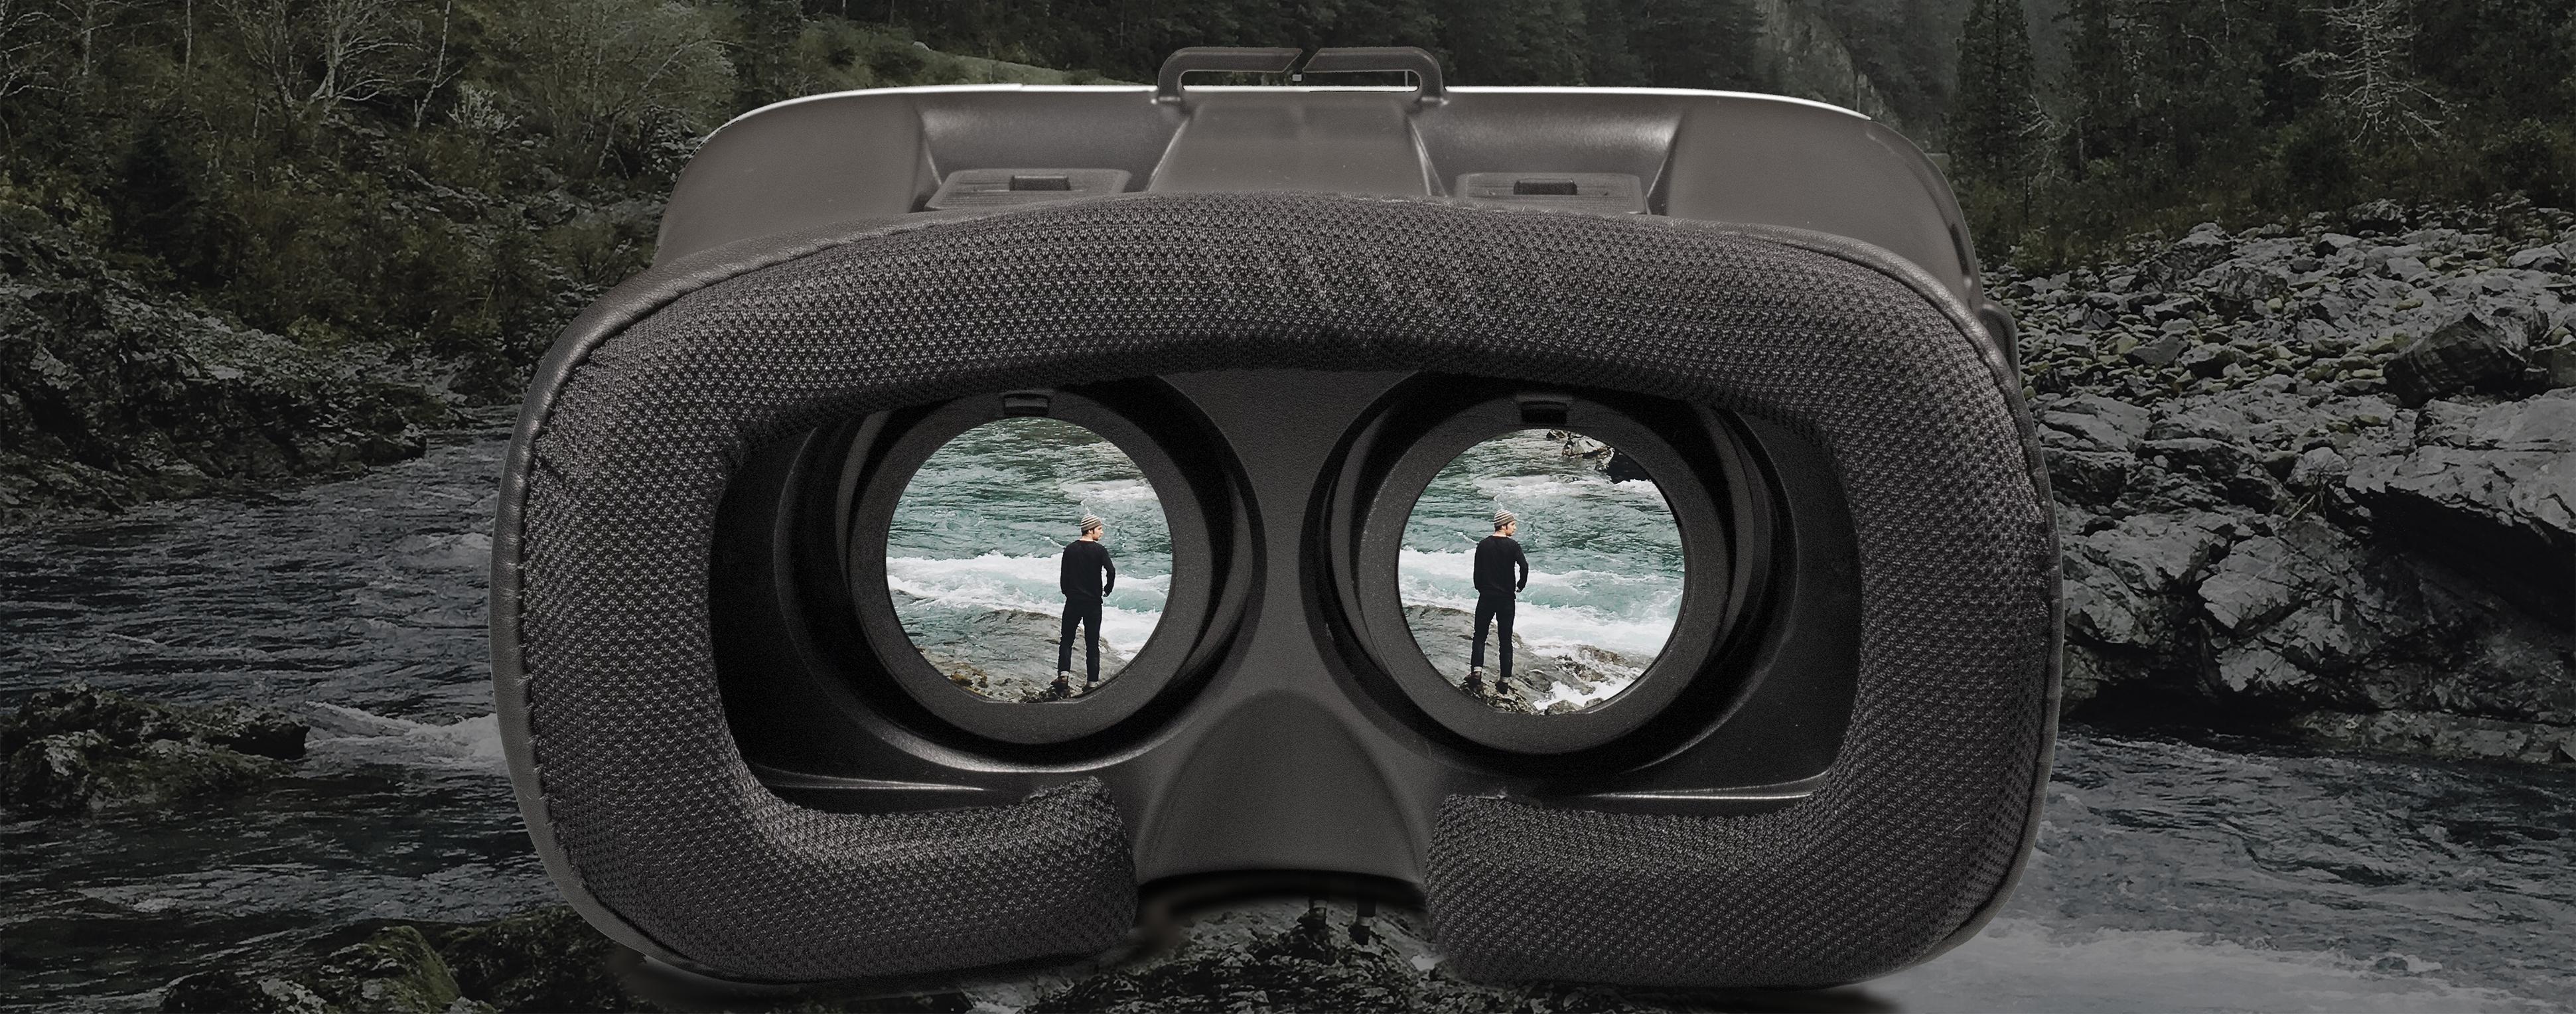 vr-brille-website